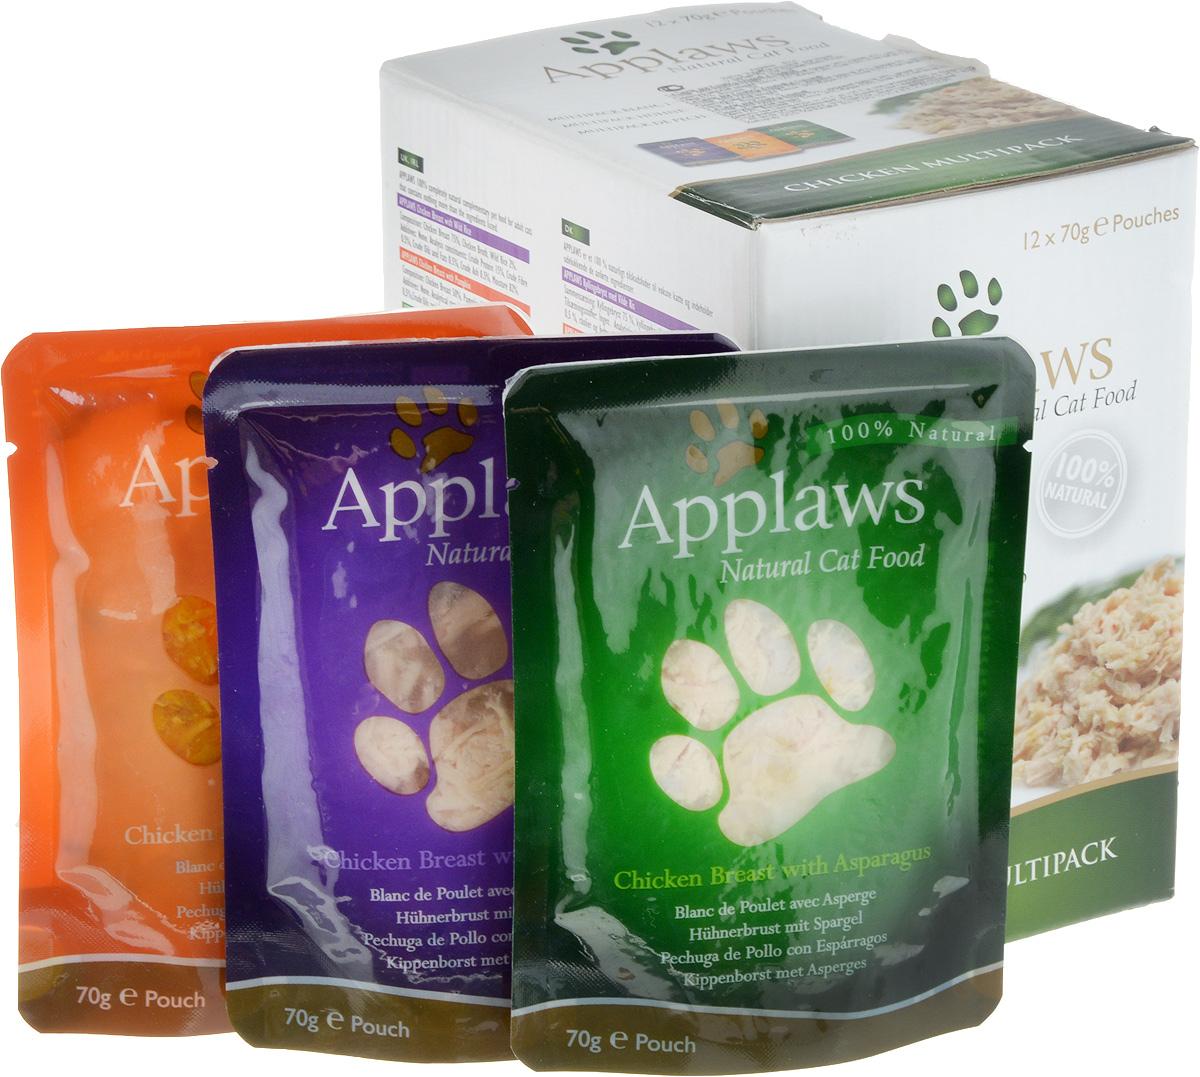 Набор консервов для кошек Applaws Куриное ассорти, 12 шт, 840 г57466Для приготовления любого блюда Appalws использует мясо животных свободного выгула, выращенных на фермах Англии. Уникальный дизайн упаковки прекрасно заменяет миску для вашего любимца.Вся линейка консервов приготовлена только из свежих и качественные ингредиентов. Консервы не содержат красителей, усилителей вкуса и запаха, продуктов ГМО.В набор входят:Консервы для кошек с курицей и тыквой - 4 шт.Фасовка: 70 г.Консервы для кошек с курицей и спаржей - 4 шт.Фасовка: 70 г.Консервы для кошек с курицей - 4 шт.Фасовка: 70 г.Общий вес: 840 г.Товар сертифицирован.